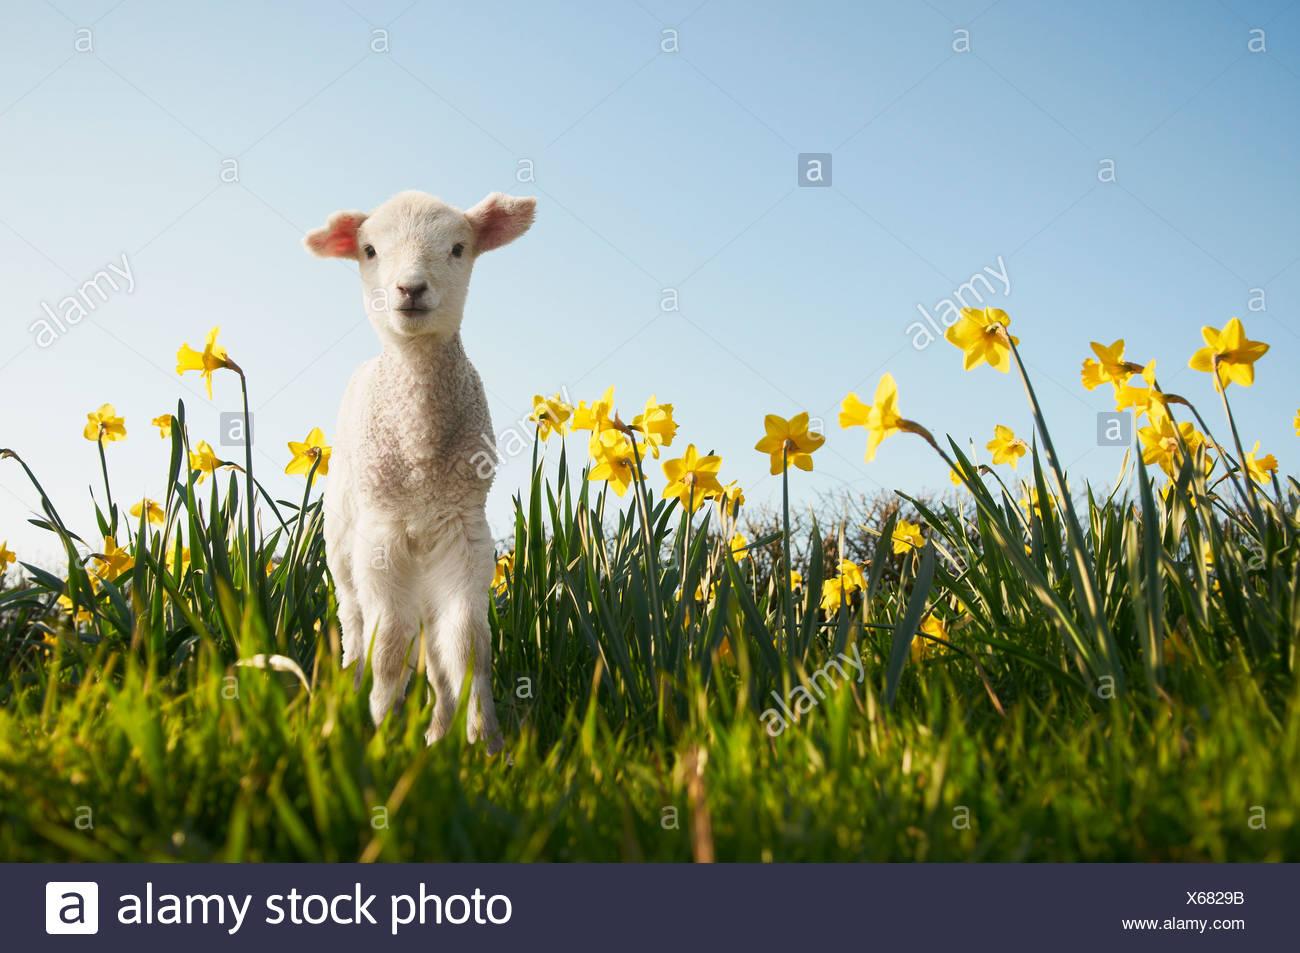 Lamb walking in field of flowers Stock Photo